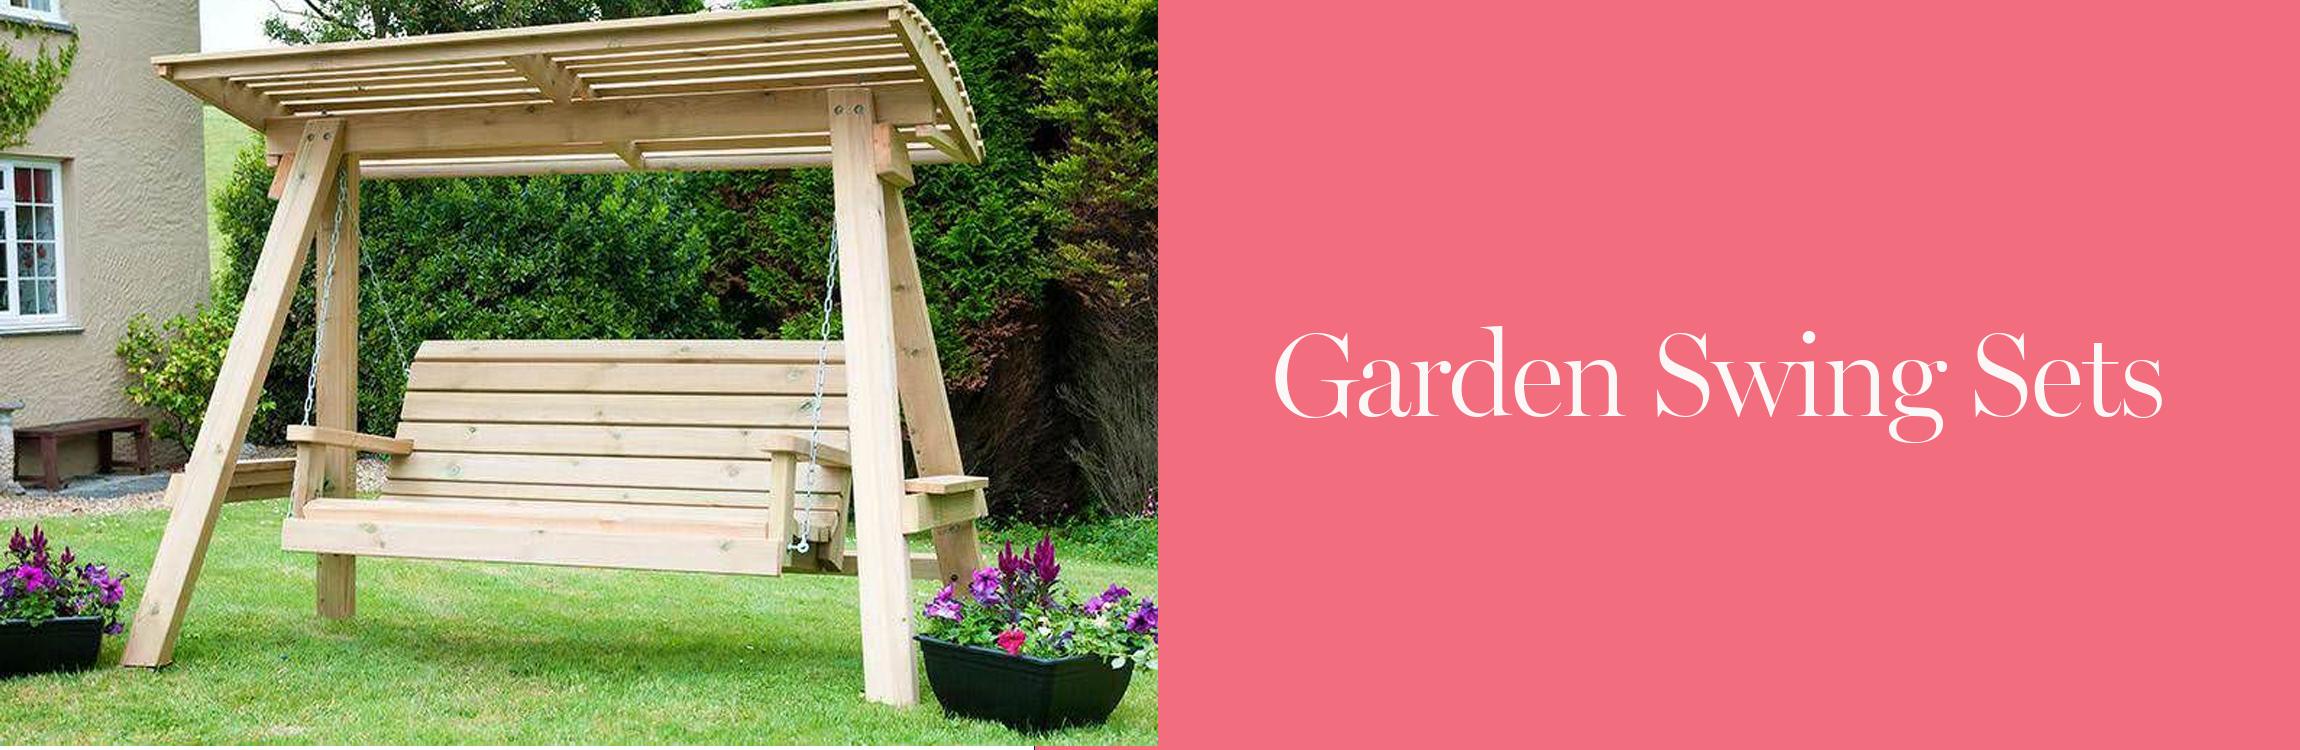 Garden Swing Seats